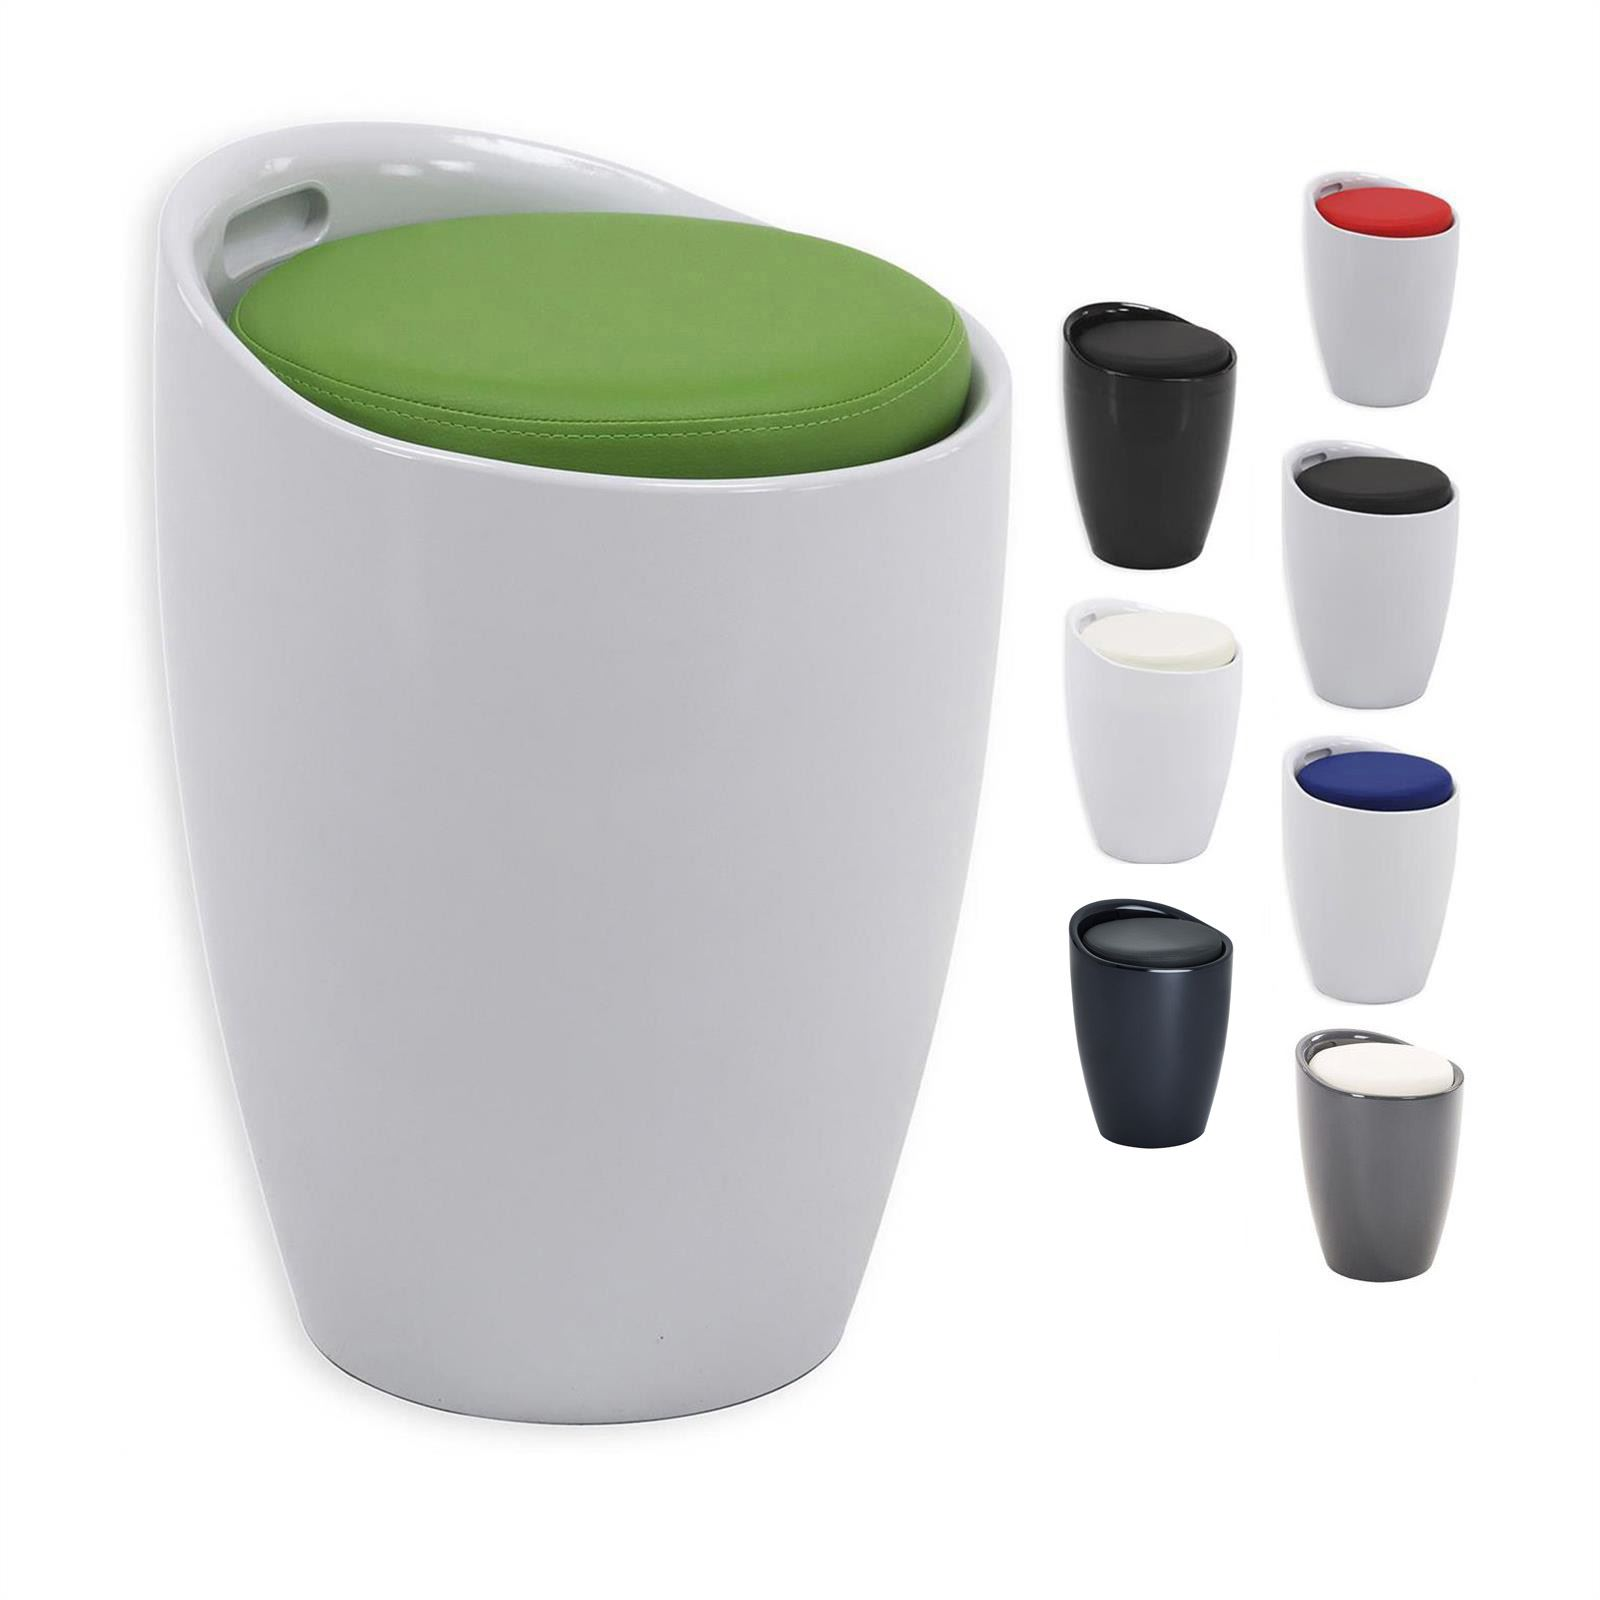 Sitzhocker daniel mit stauraum in 11 farben mobilia24 for Sitzhocker mit stauraum